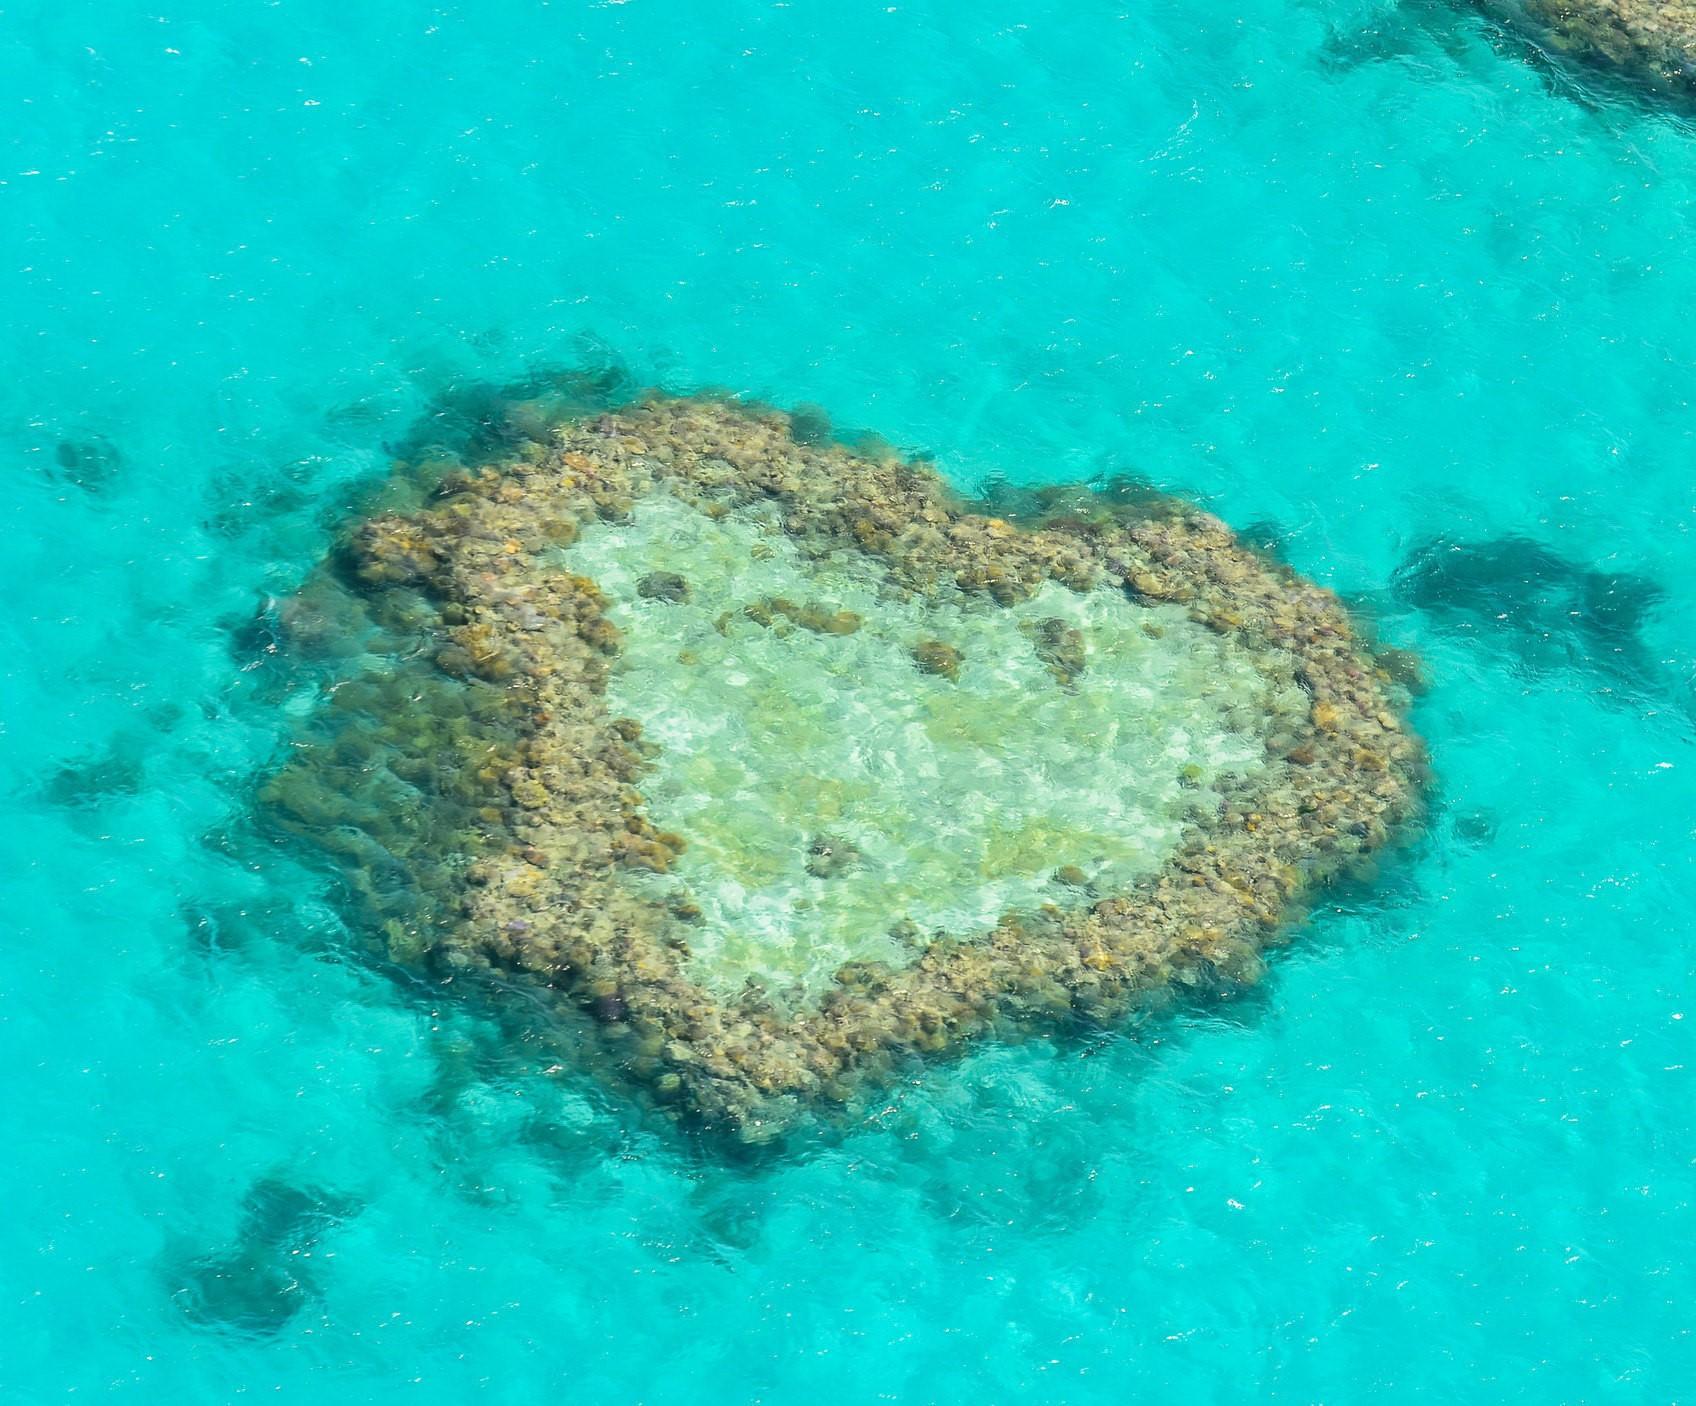 澳大利亚双岛一礁10晚12天(纯玩联运,海豚喂食、企鹅归巢、库伦宾,考拉合影、歌剧院、达令港、大洋路、墨尔本自由活动、蓝山公园、WIFI)